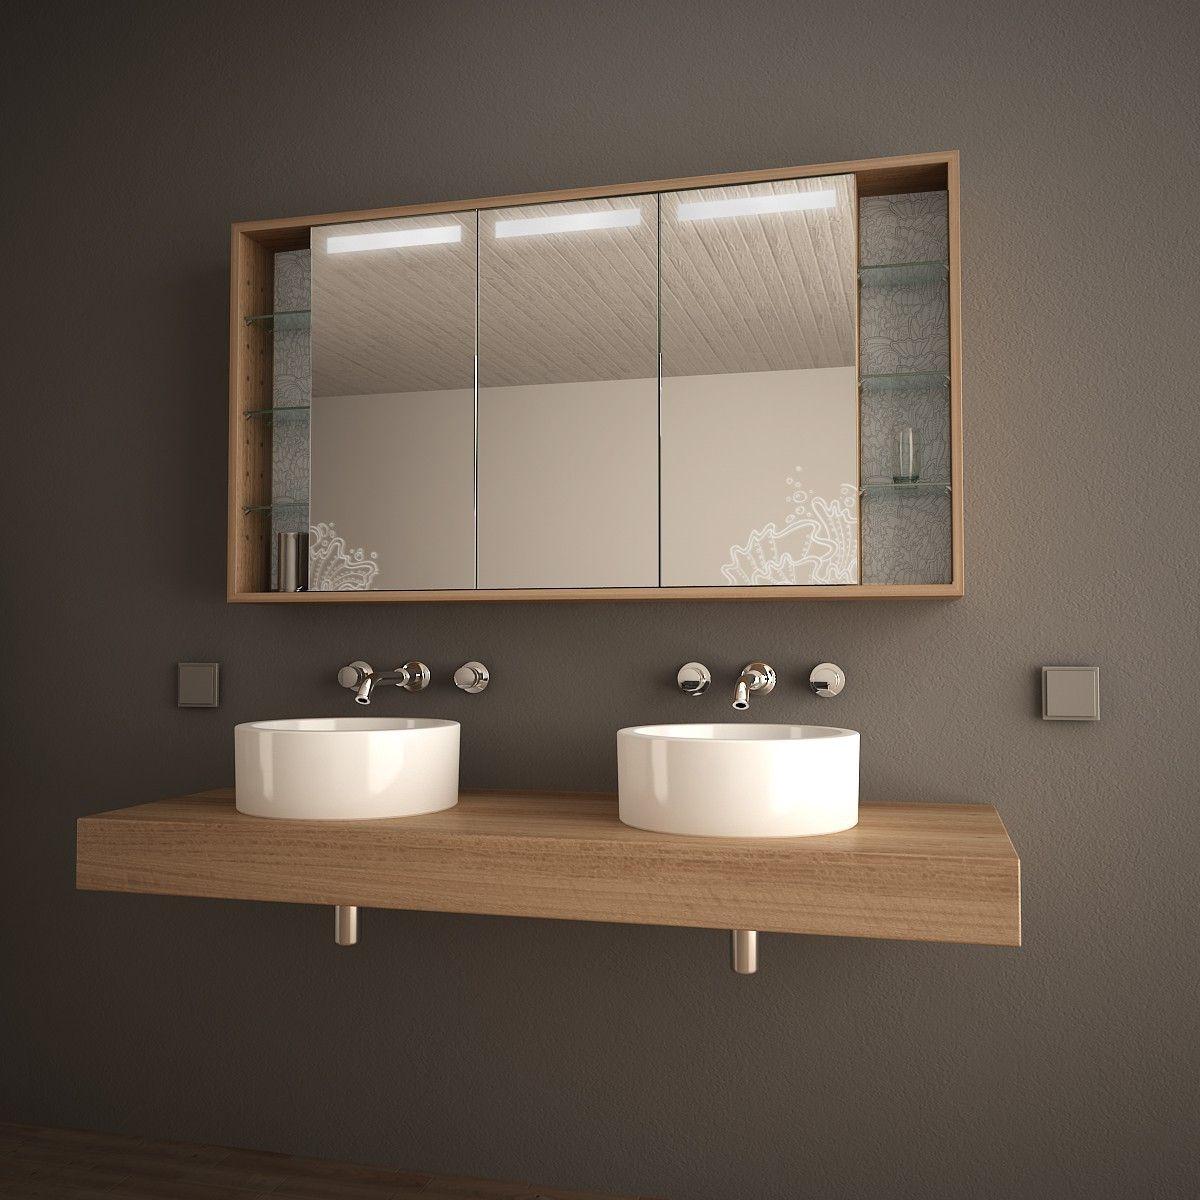 Bad-Spiegelschrank mit Licht Arida 989705252 | Gäste WC | Badezimmer ...